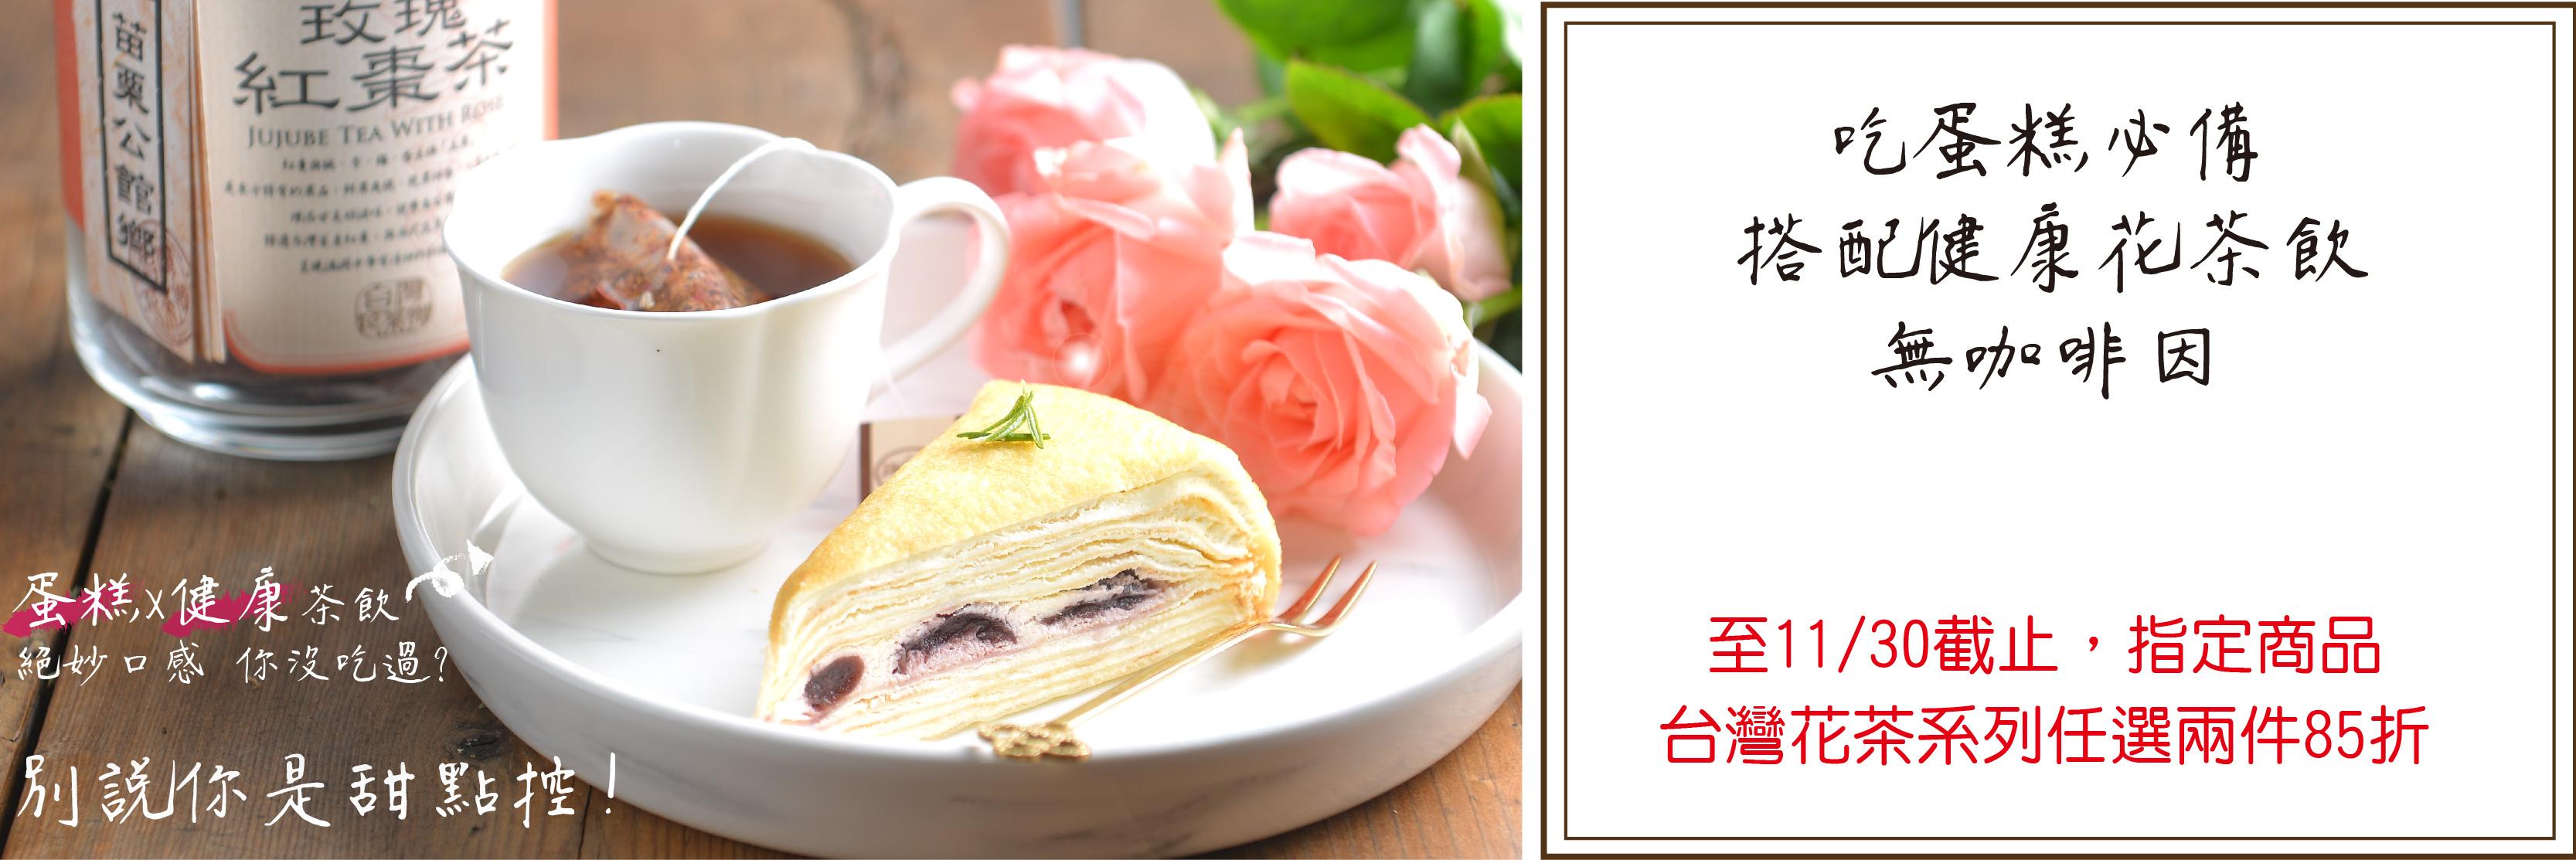 健康花茶x蛋糕極致搭配